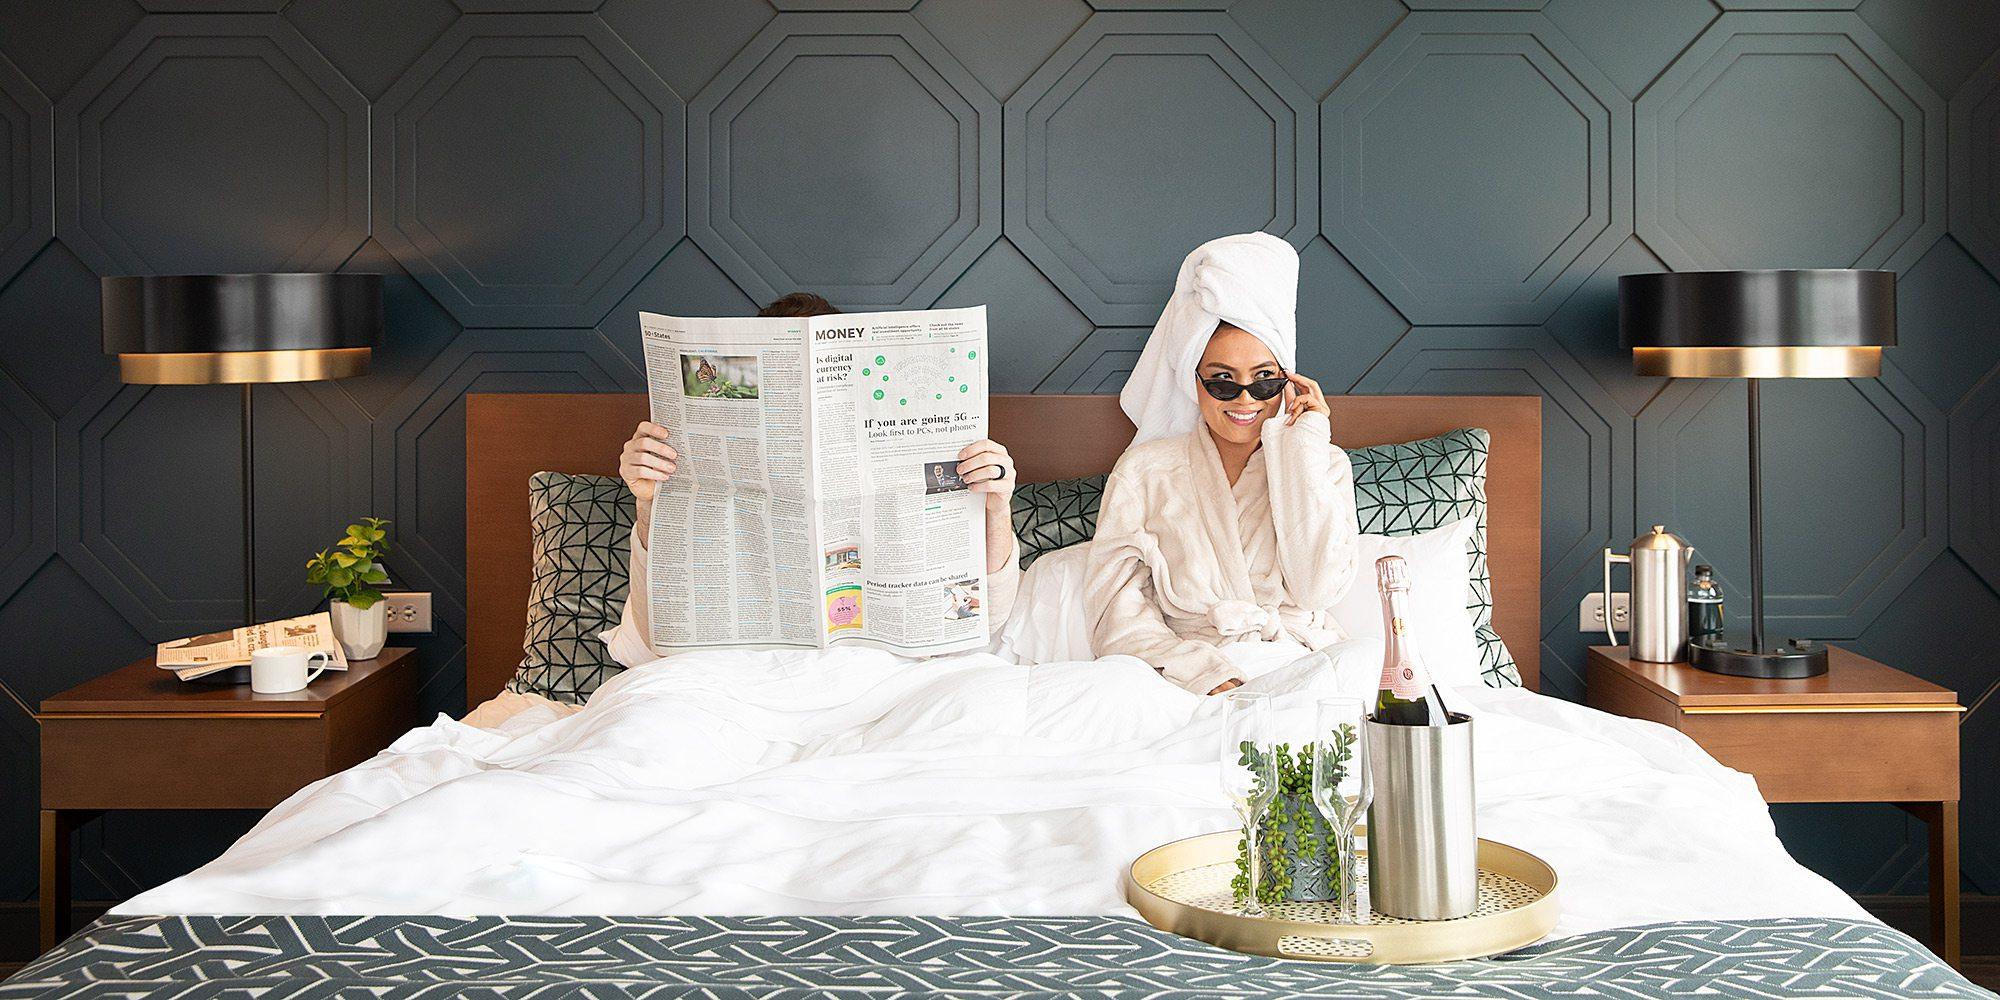 Staycation at Hotel V